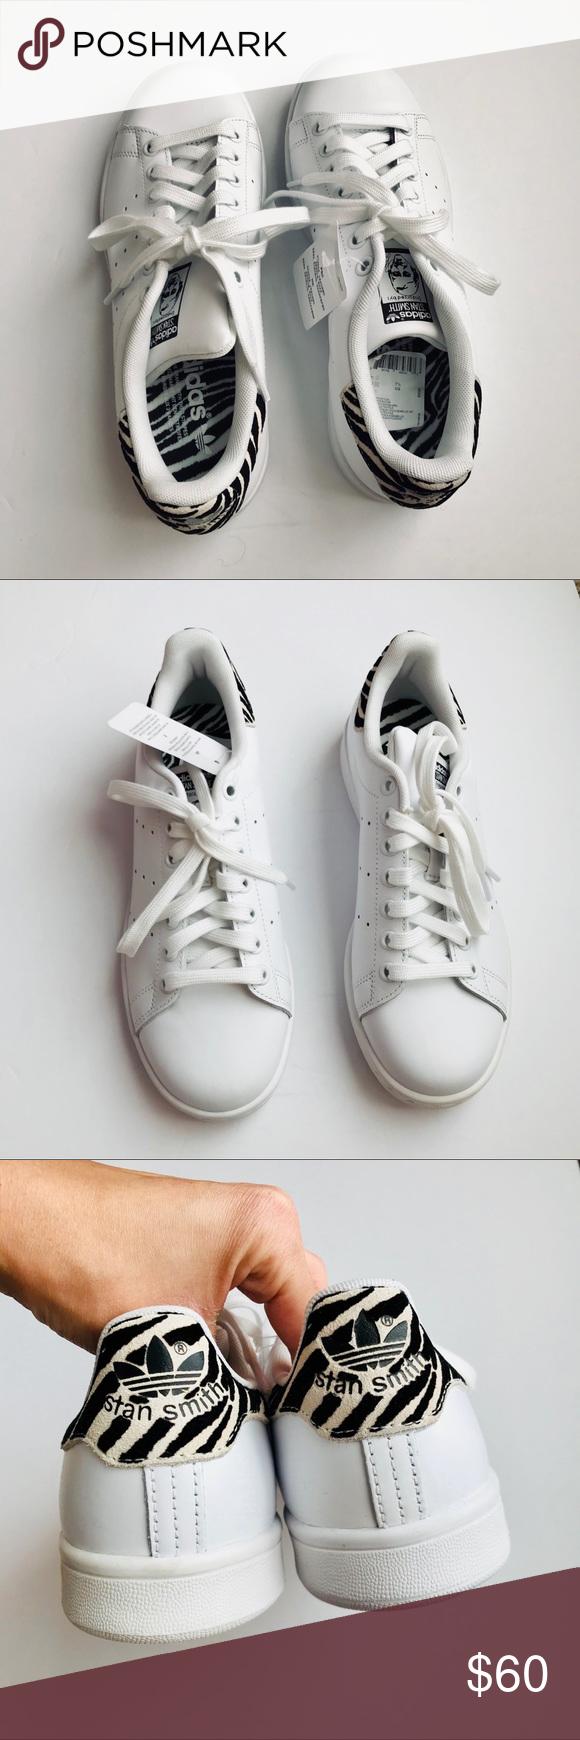 85ac4af45a2d New Rare Adidas Stan Smith Zebra Print B26590 New. adidas Shoes